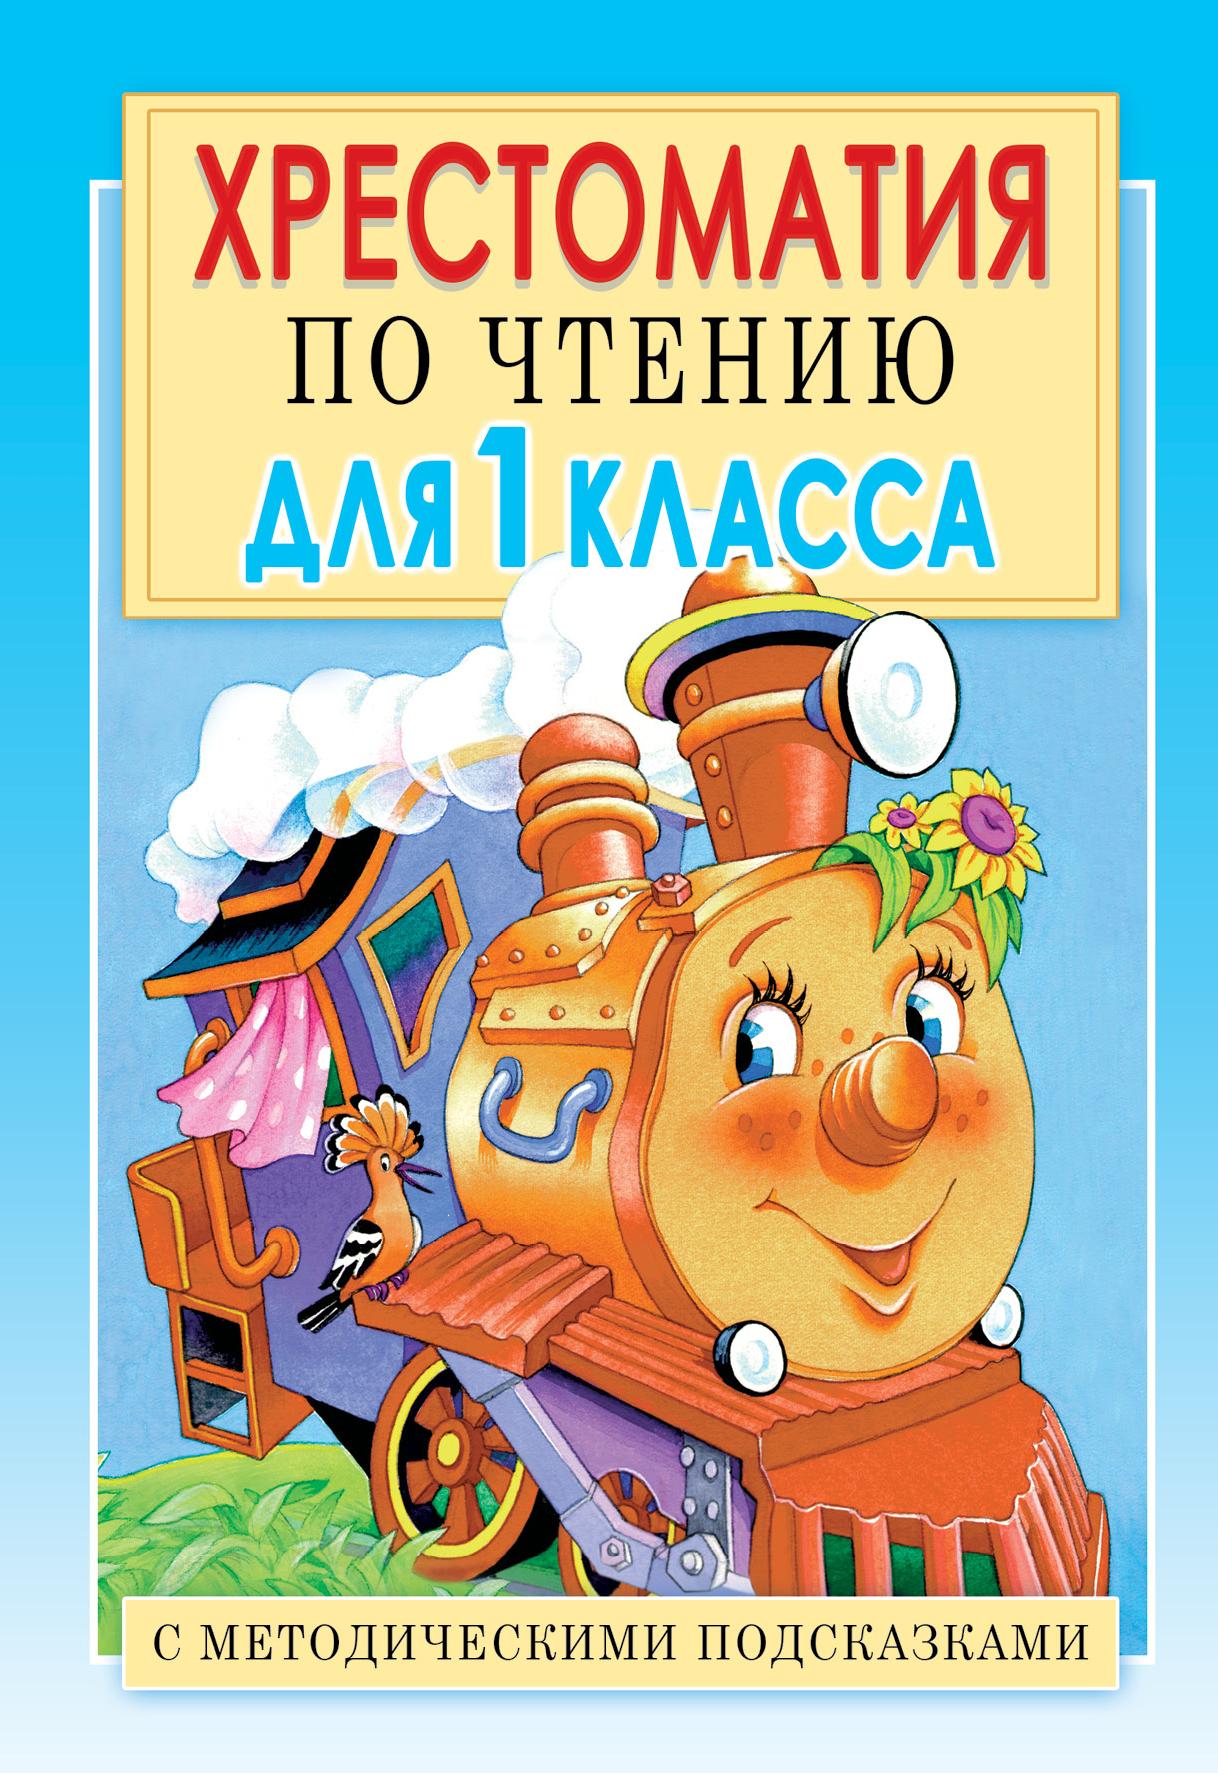 Хрестоматия по чтению для 1 класса. С методическими подсказками ( Посашкова Е.В.  )